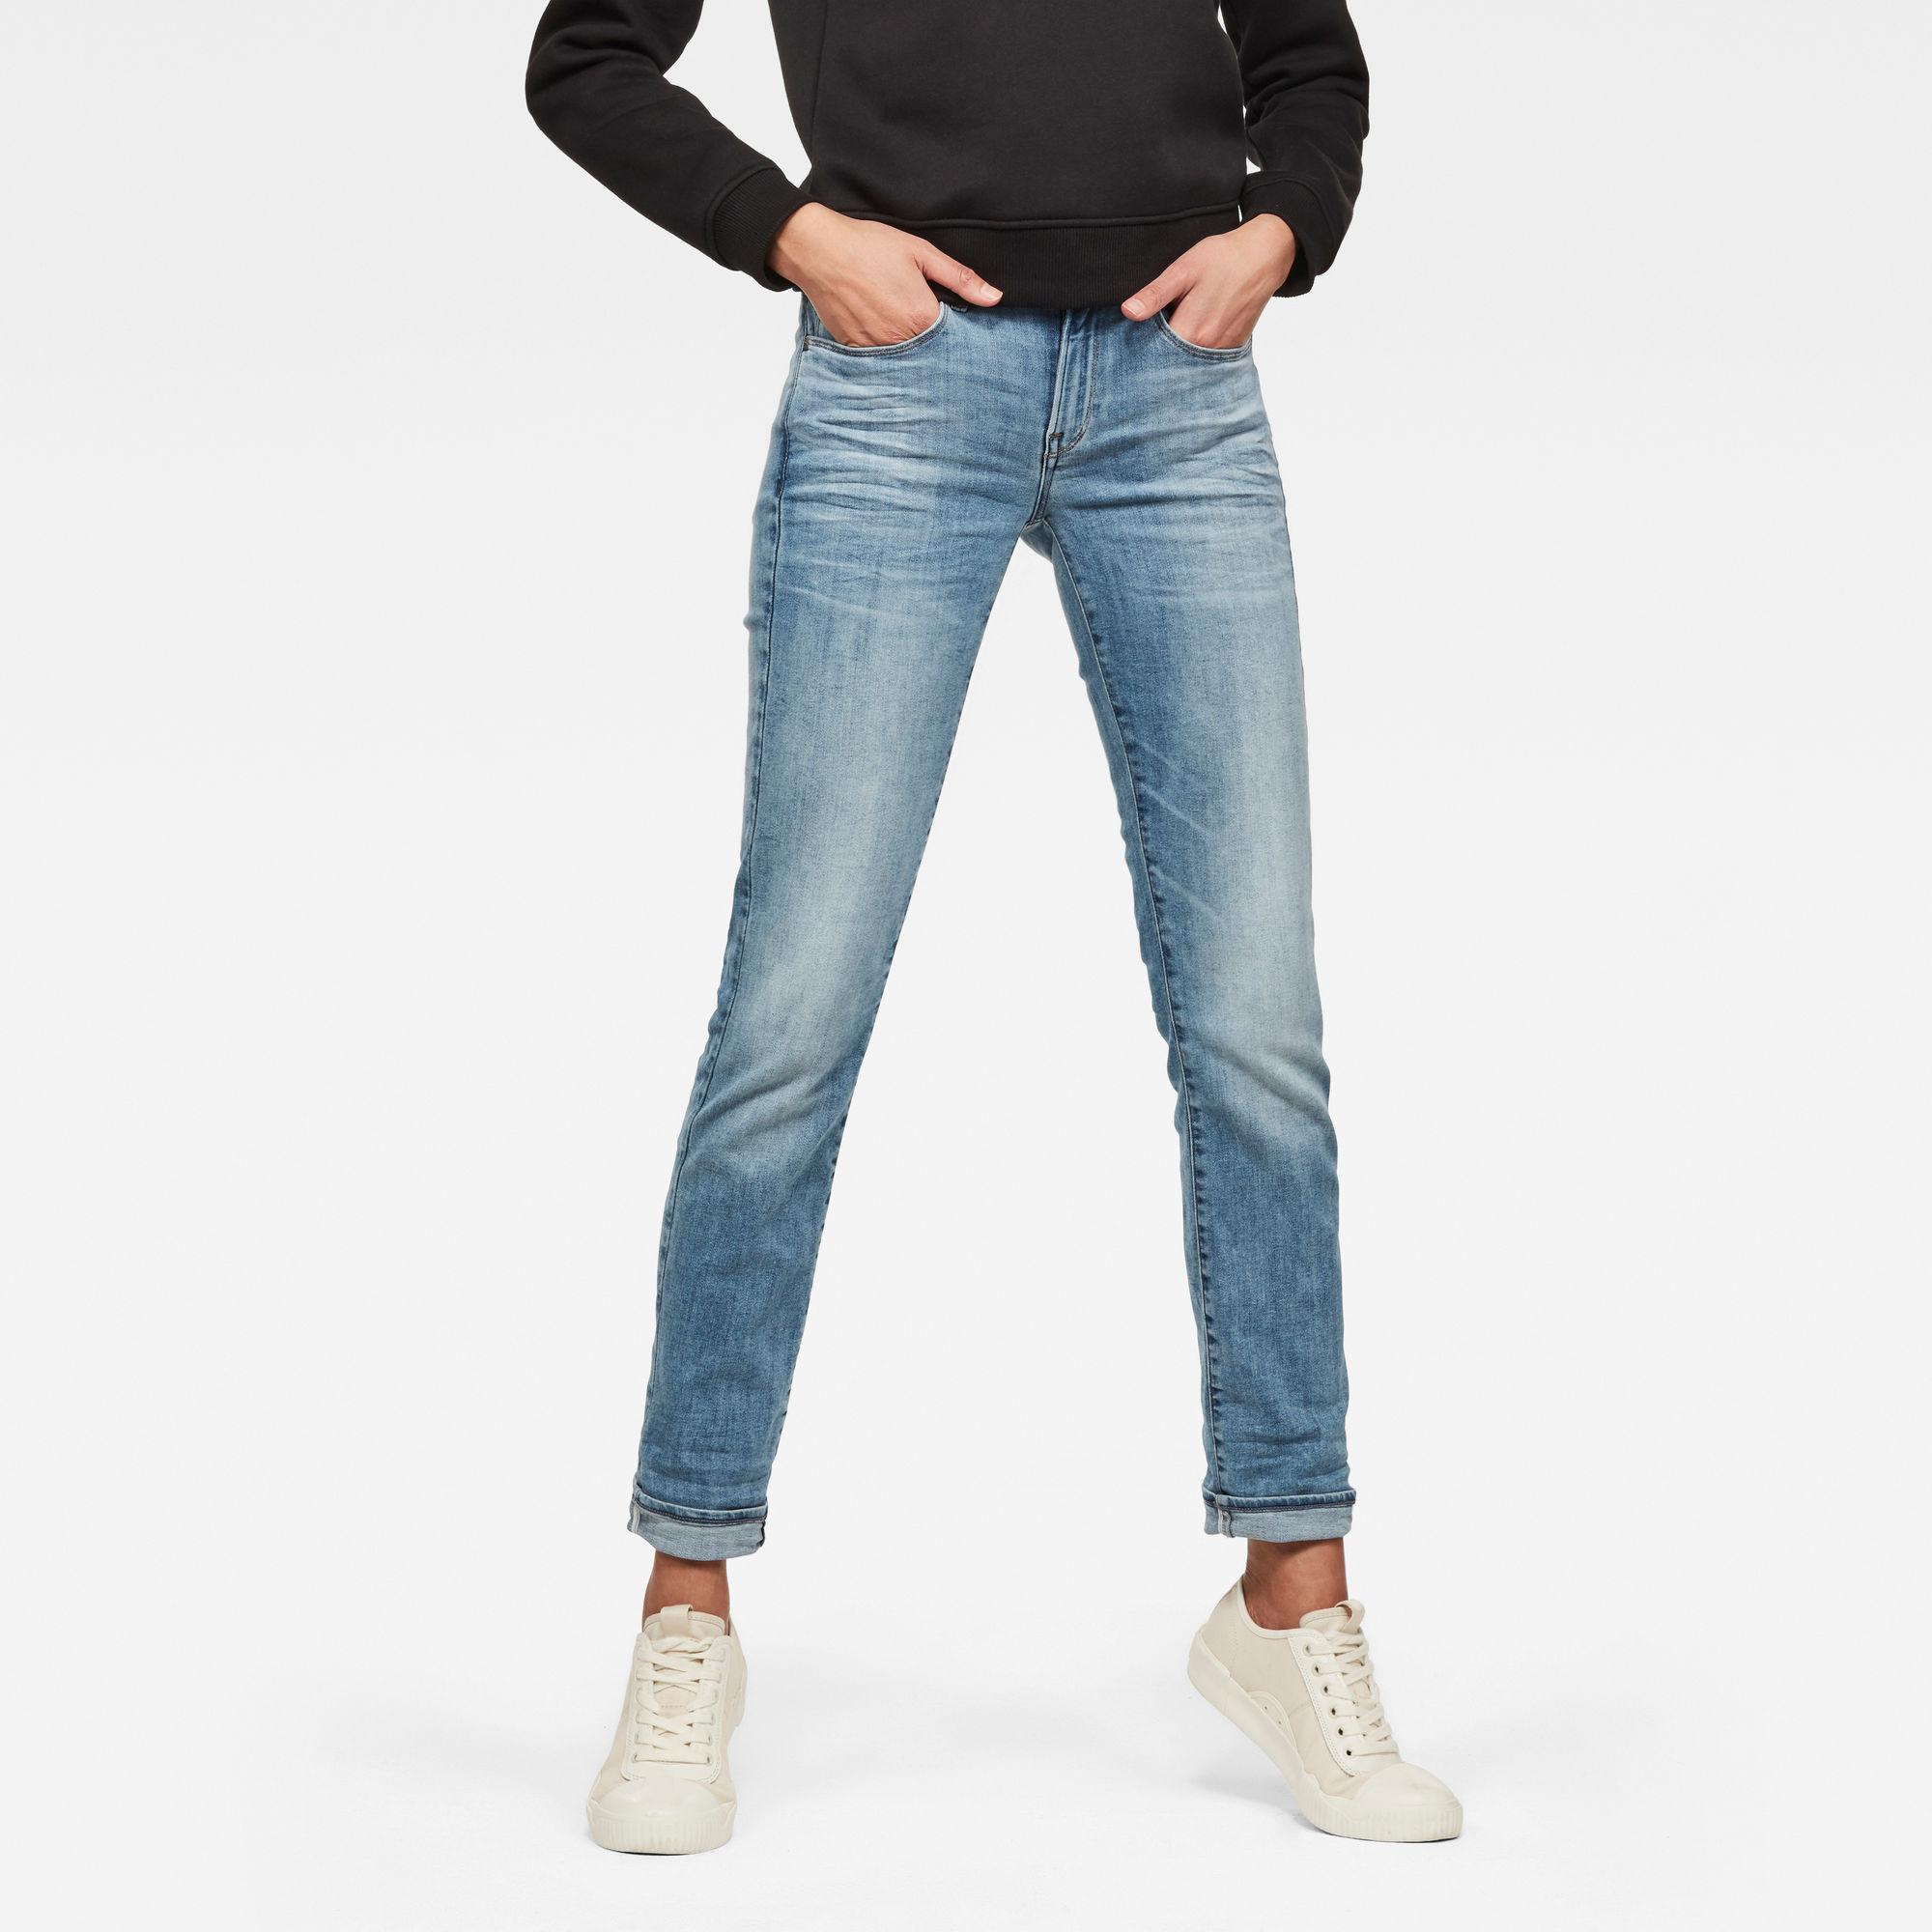 Van G Star Raw 3301 Deconstructed Mid Waist Straight Jeans Prijsvergelijk nu!